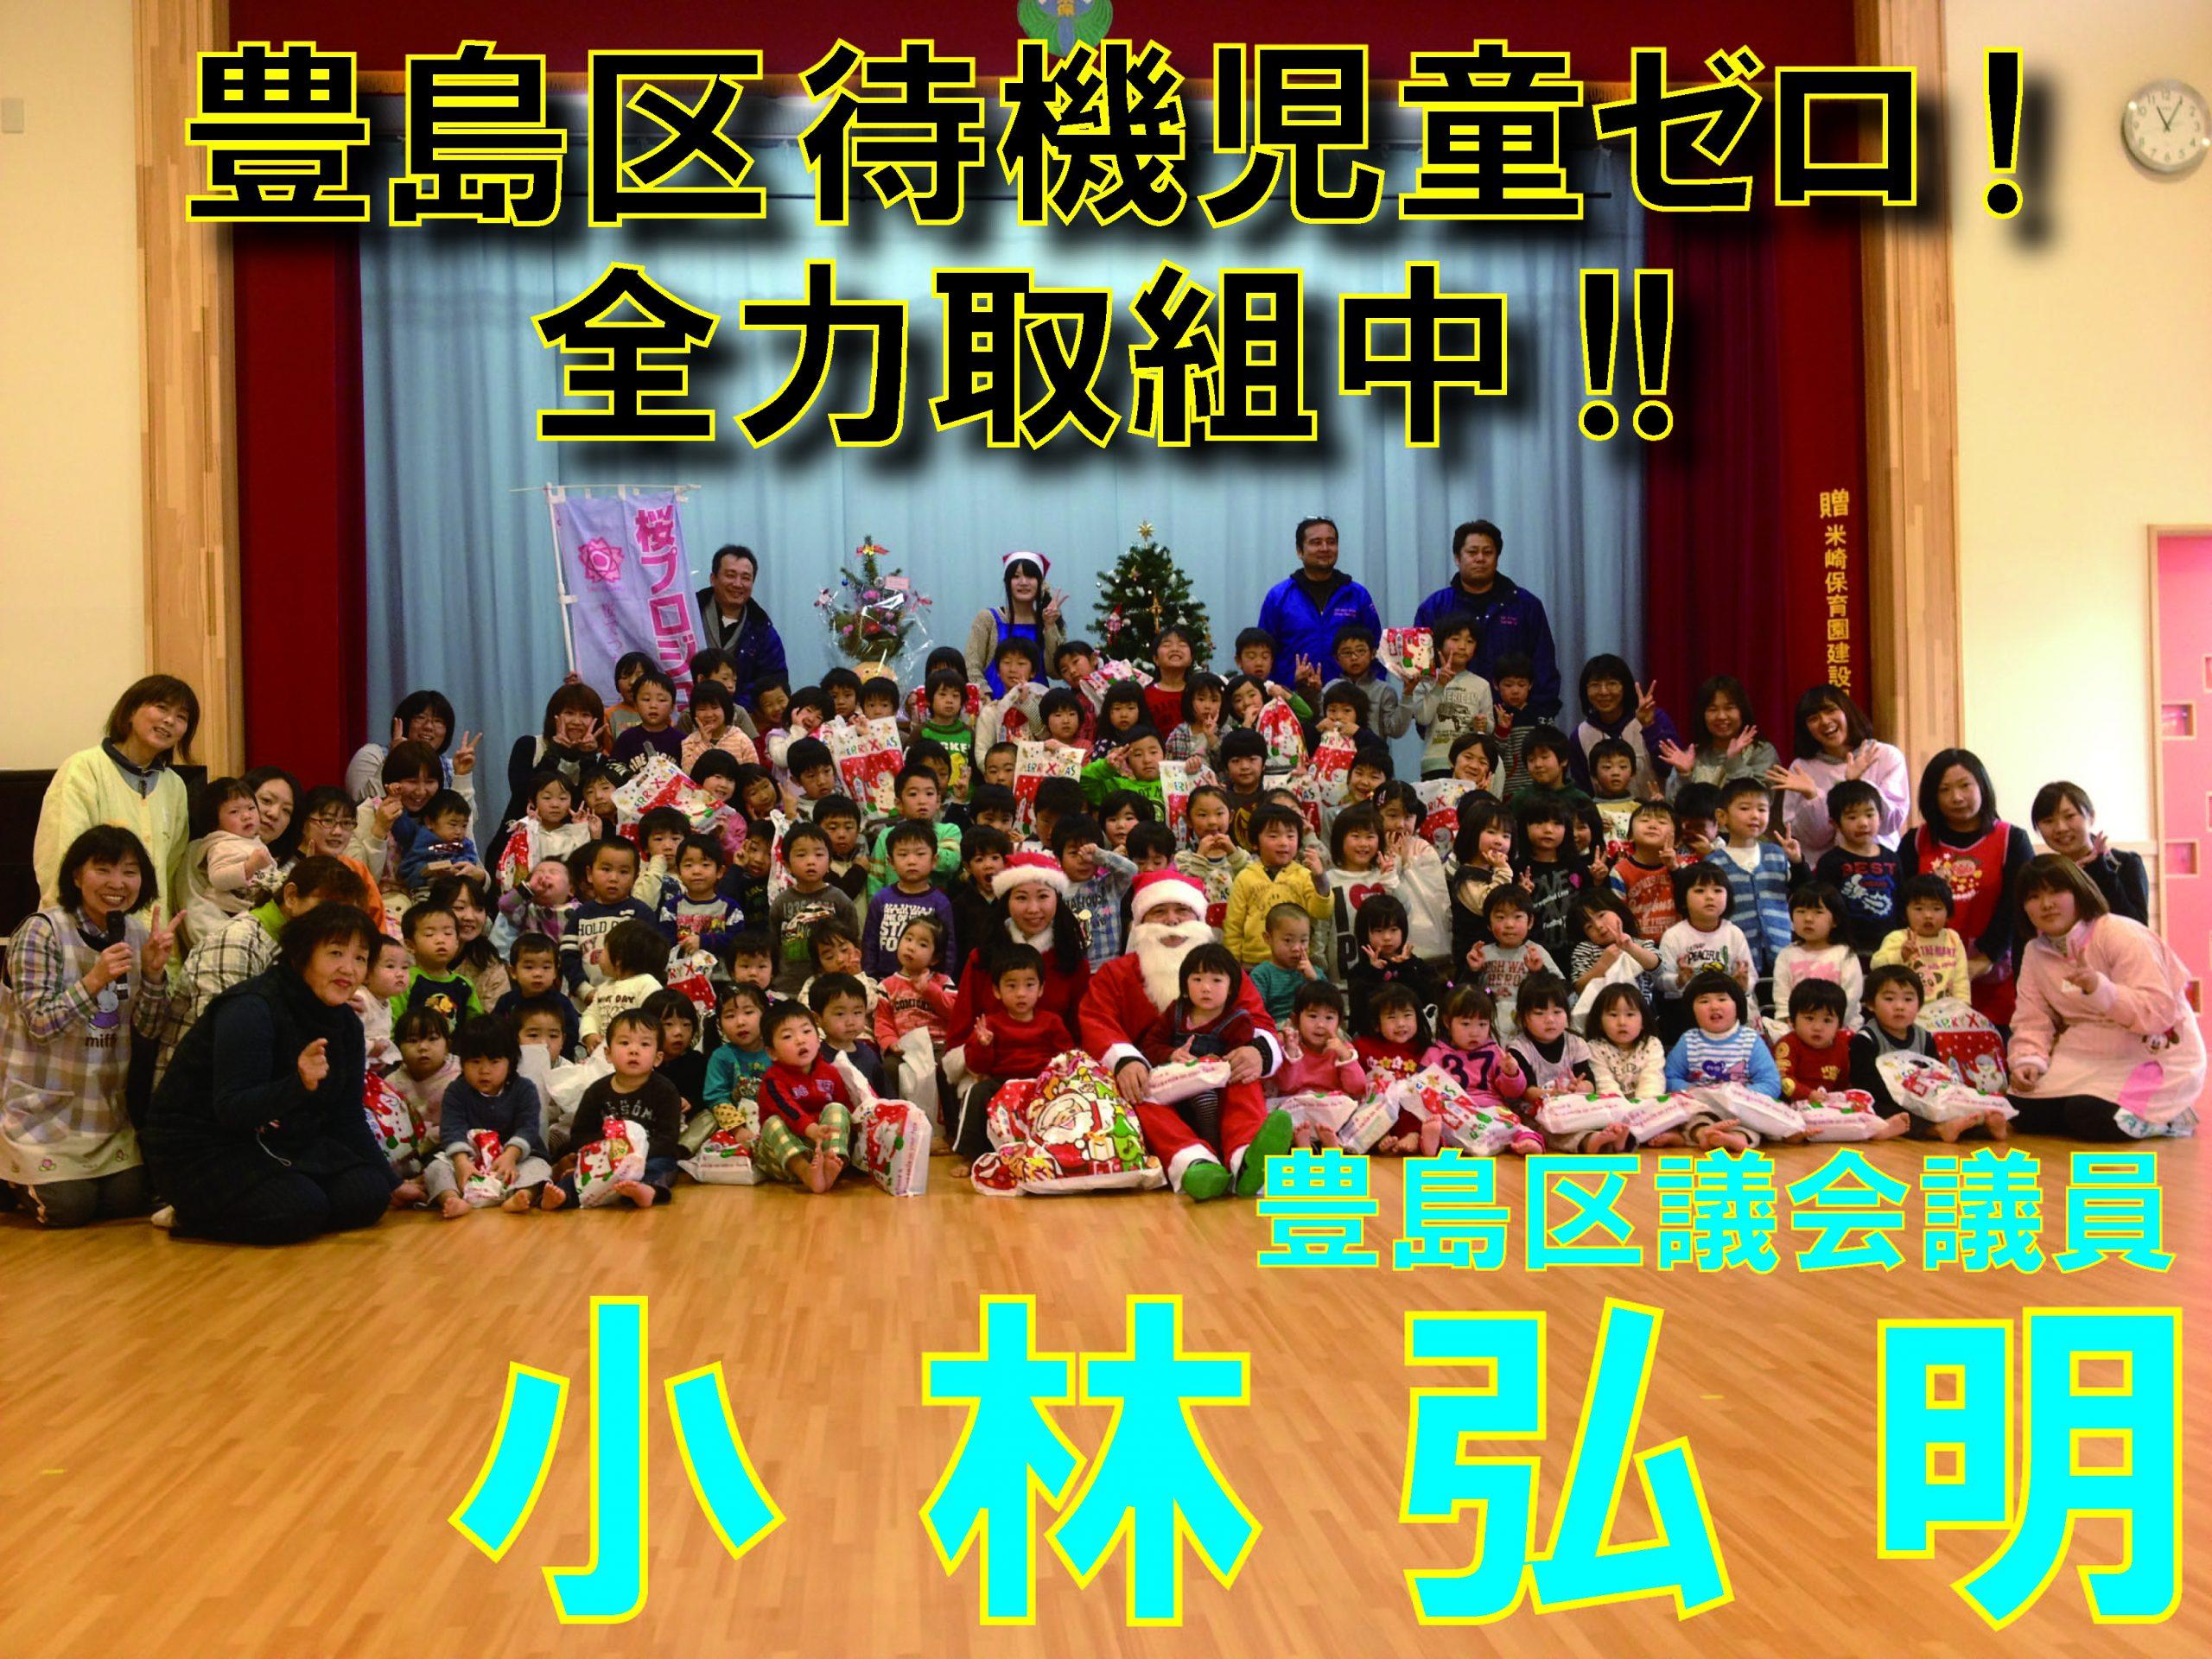 豊島区 選挙 待機児童